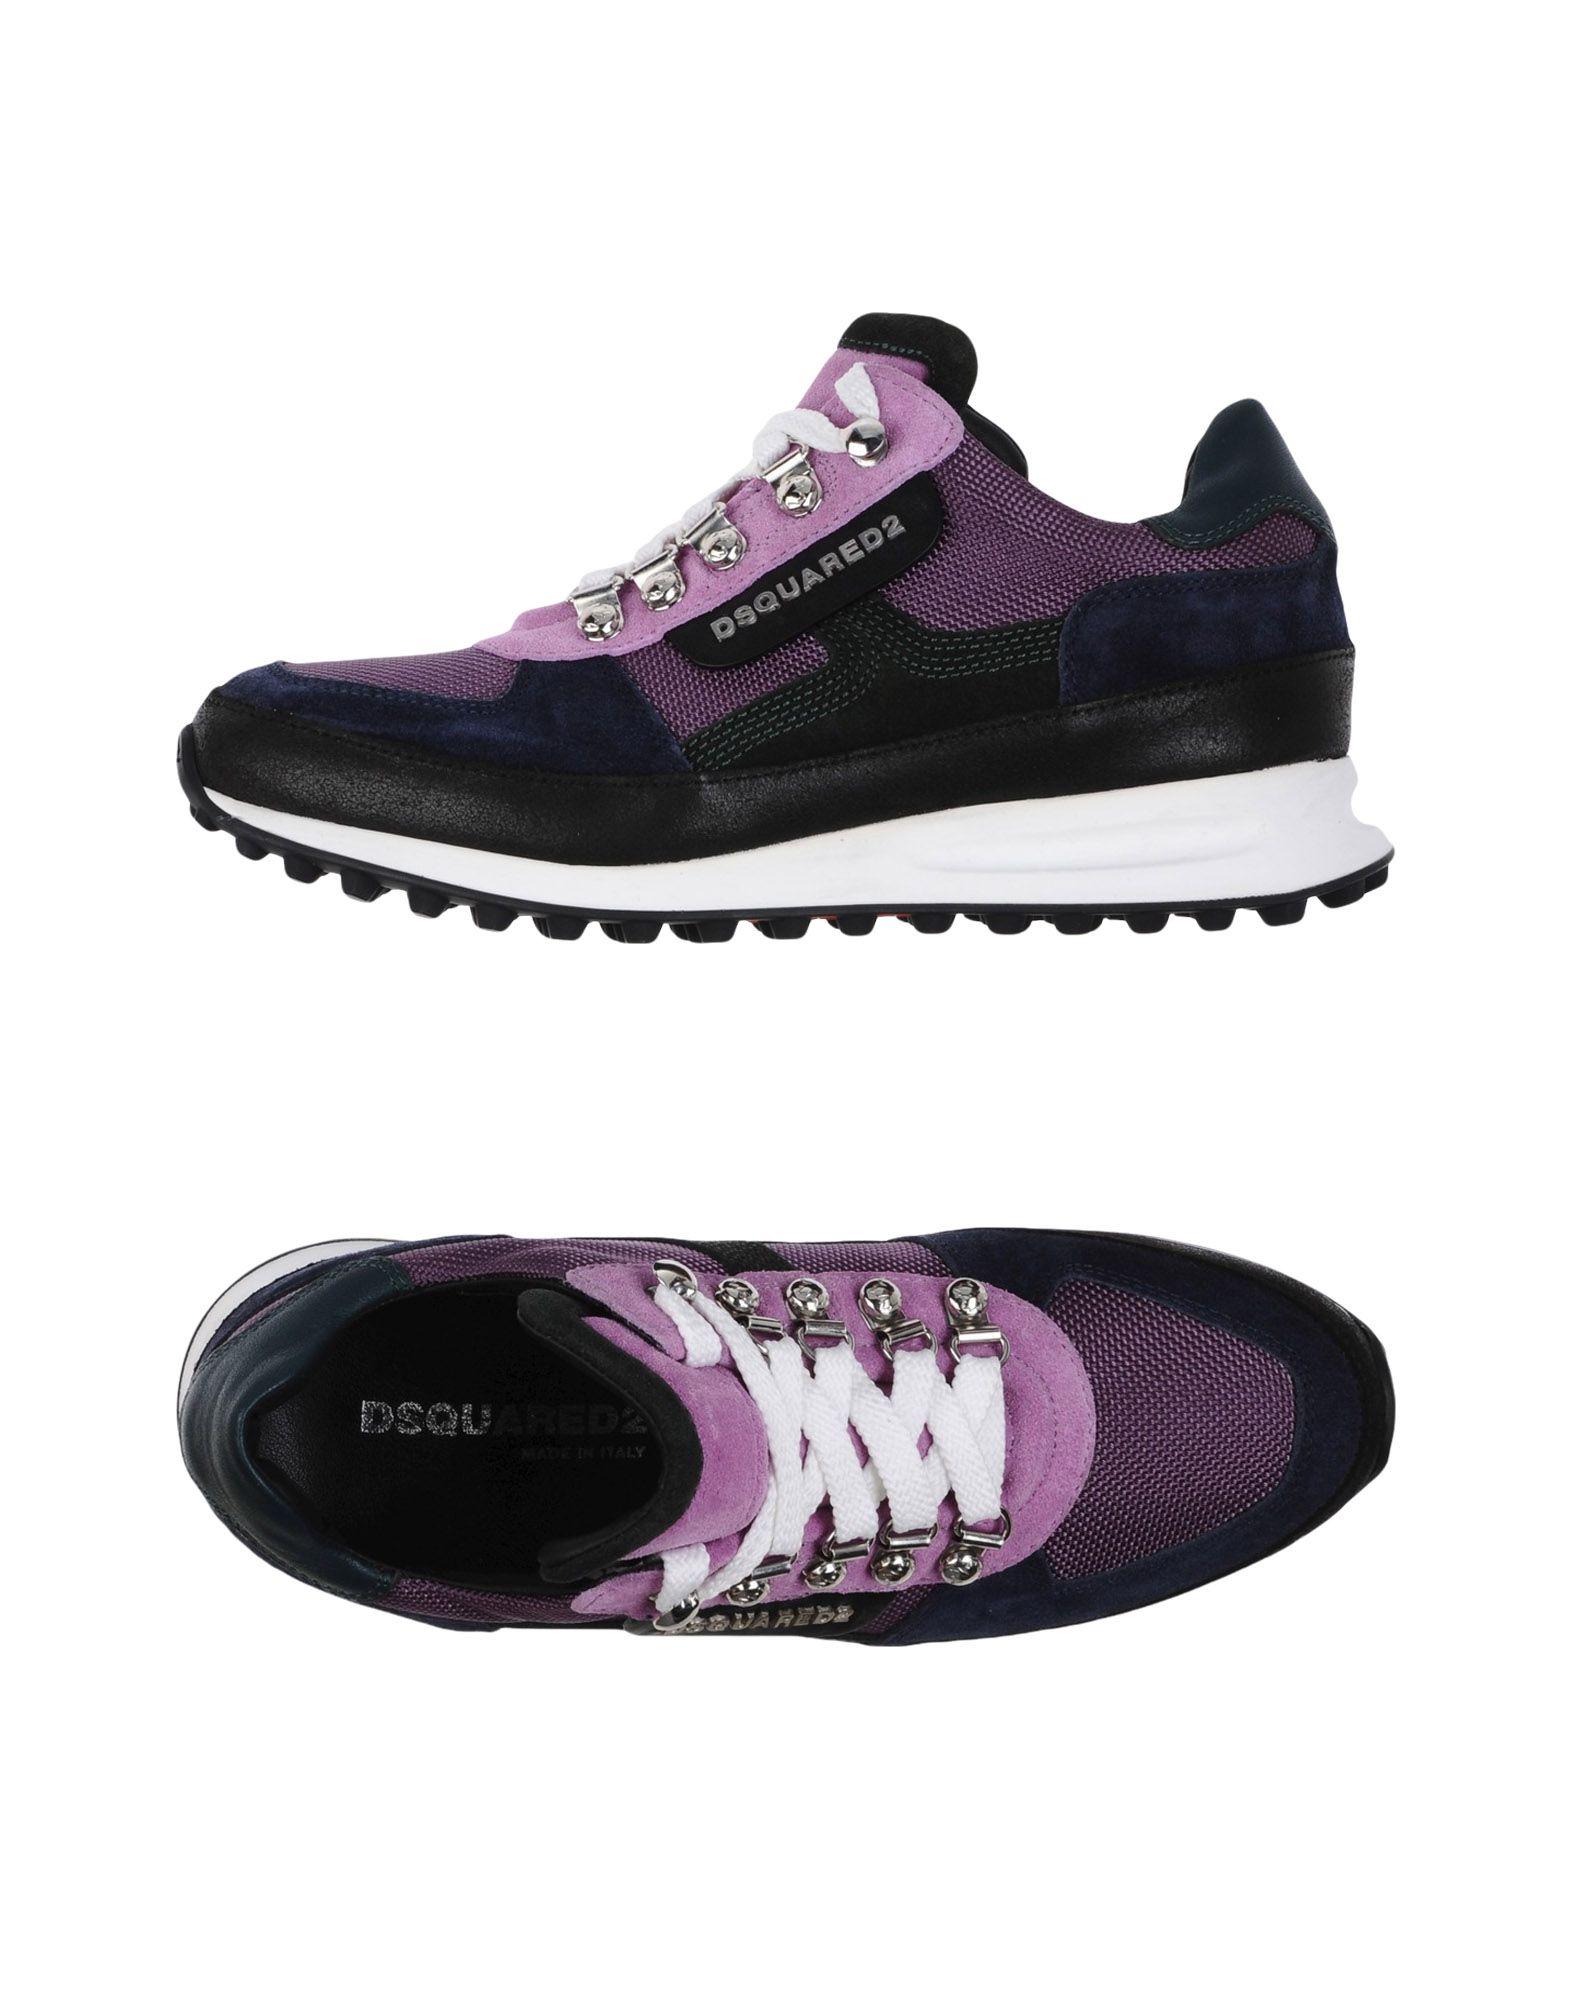 Rabatt  Schuhe Dsquared2 Sneakers Damen  Rabatt 11284220IQ d04708